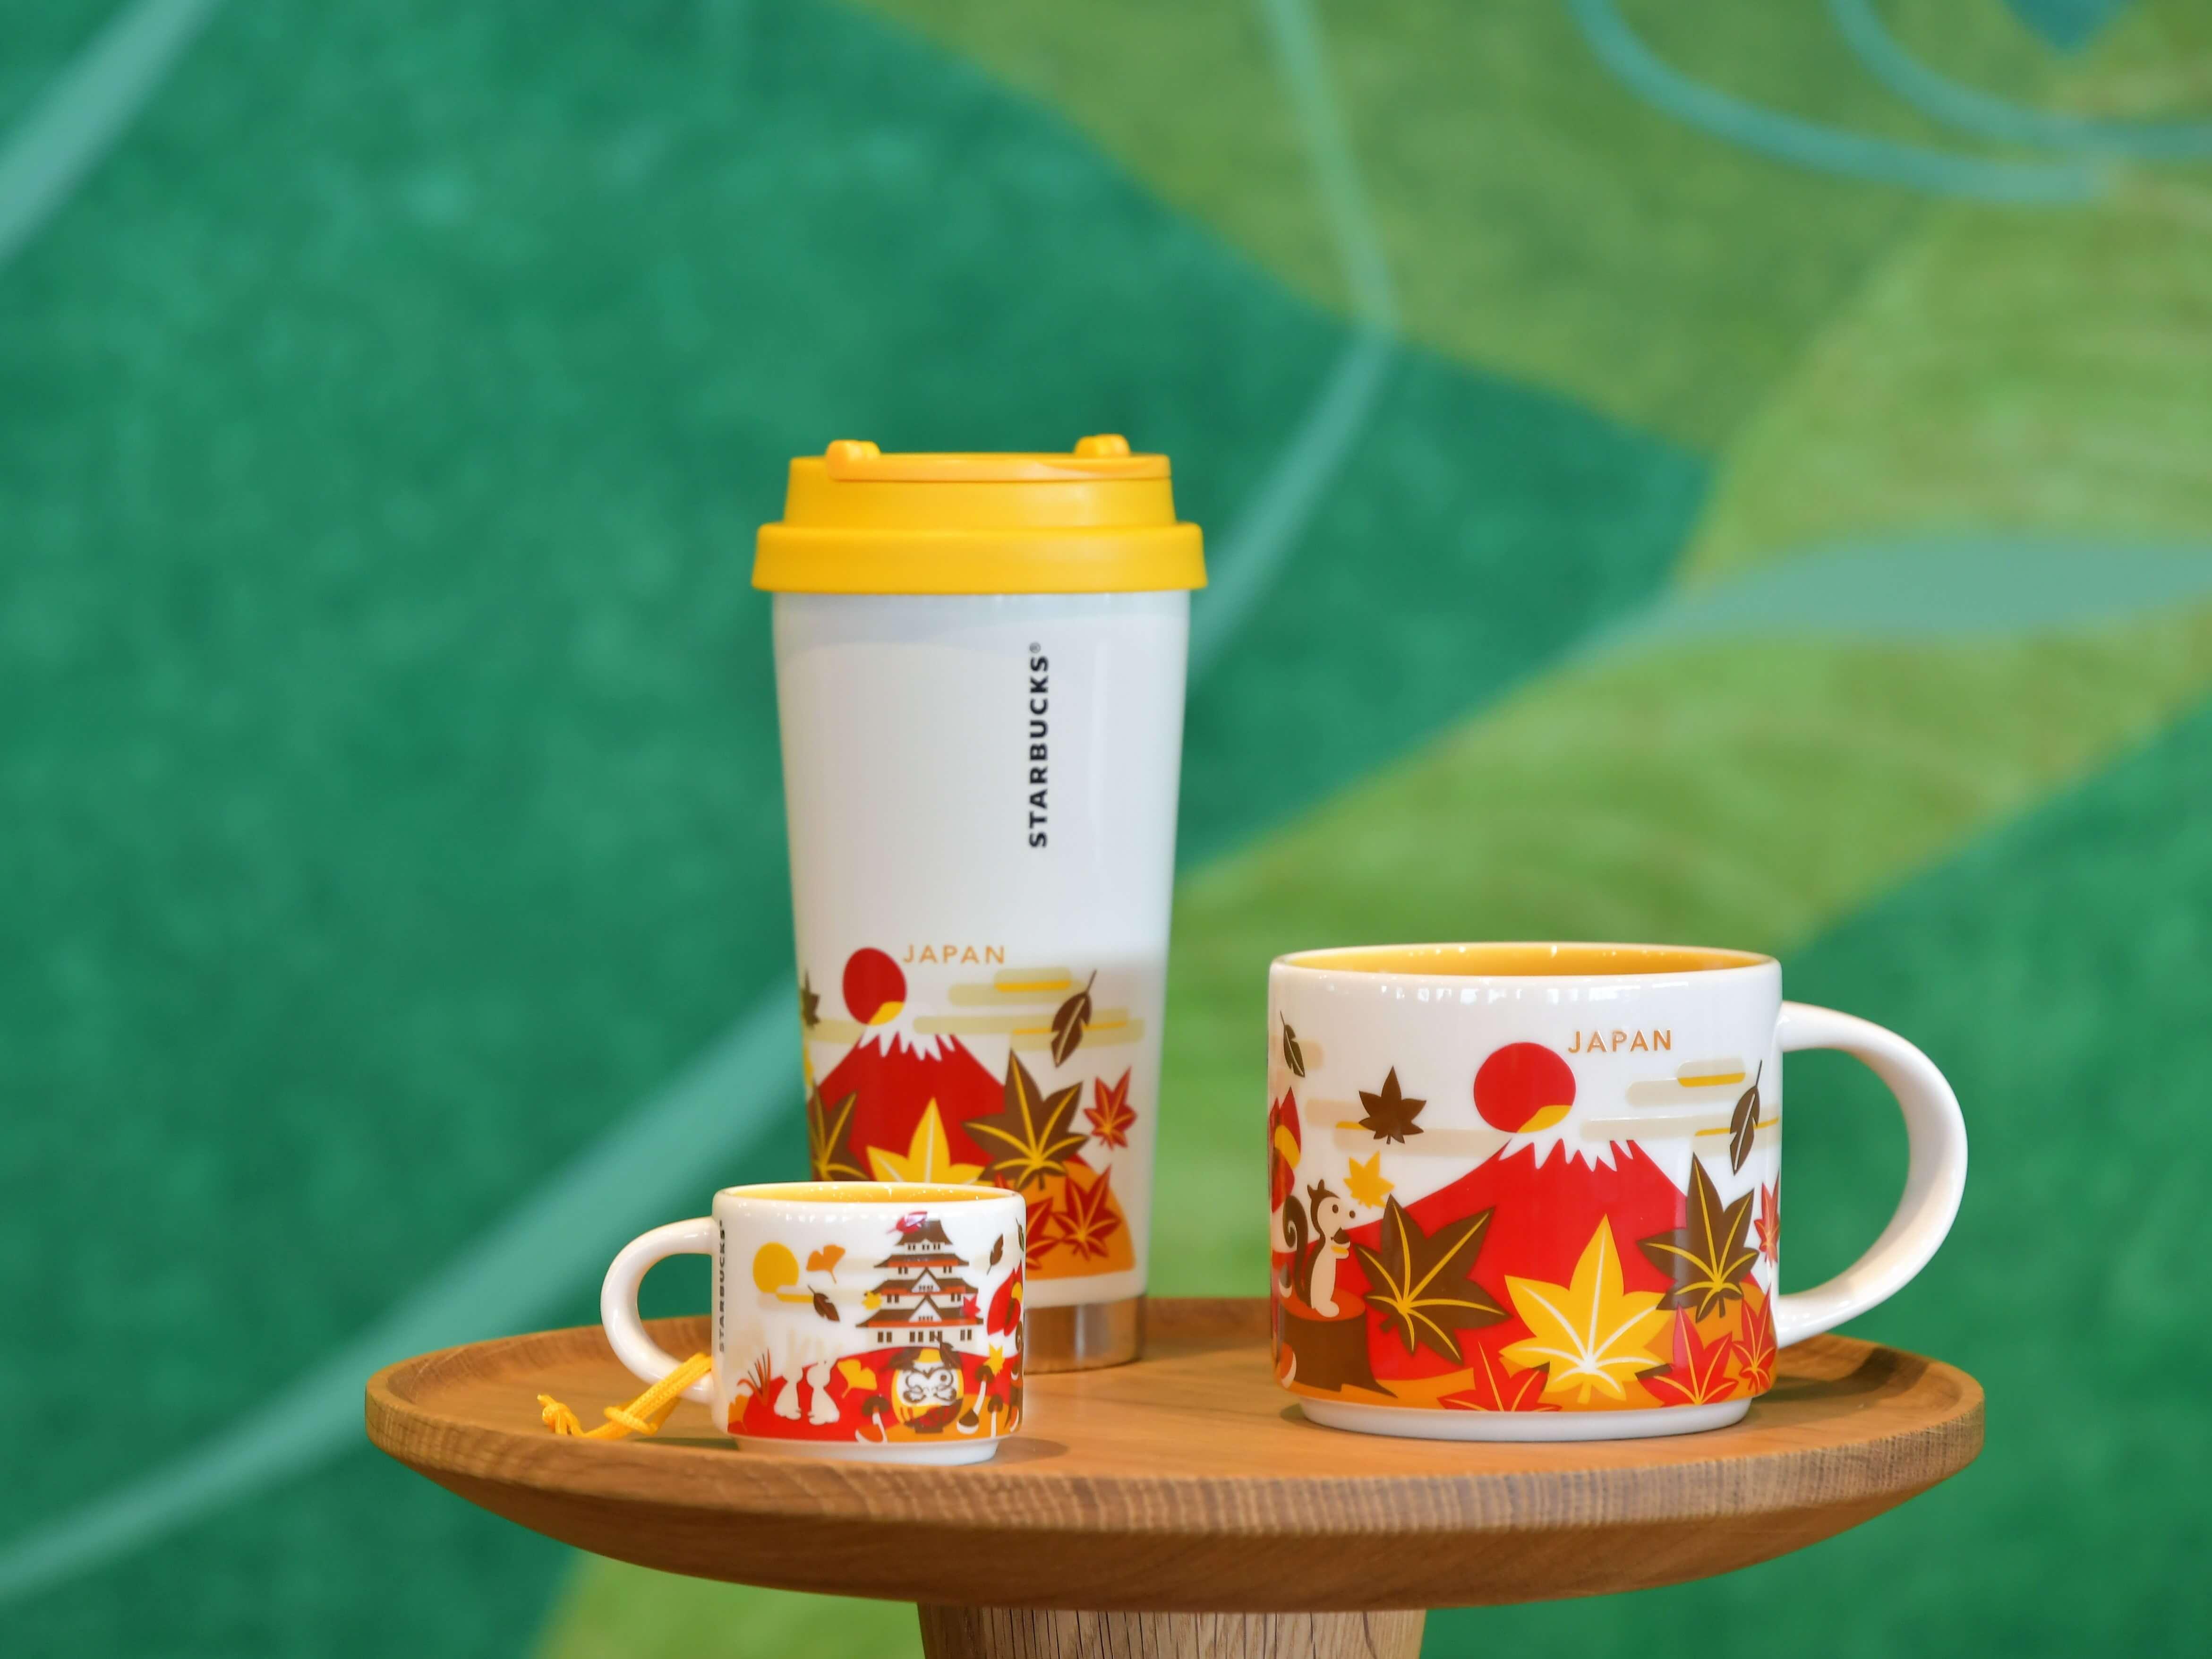 Starbucks Japan Releases Autumn Themed Mugs Tumbler In